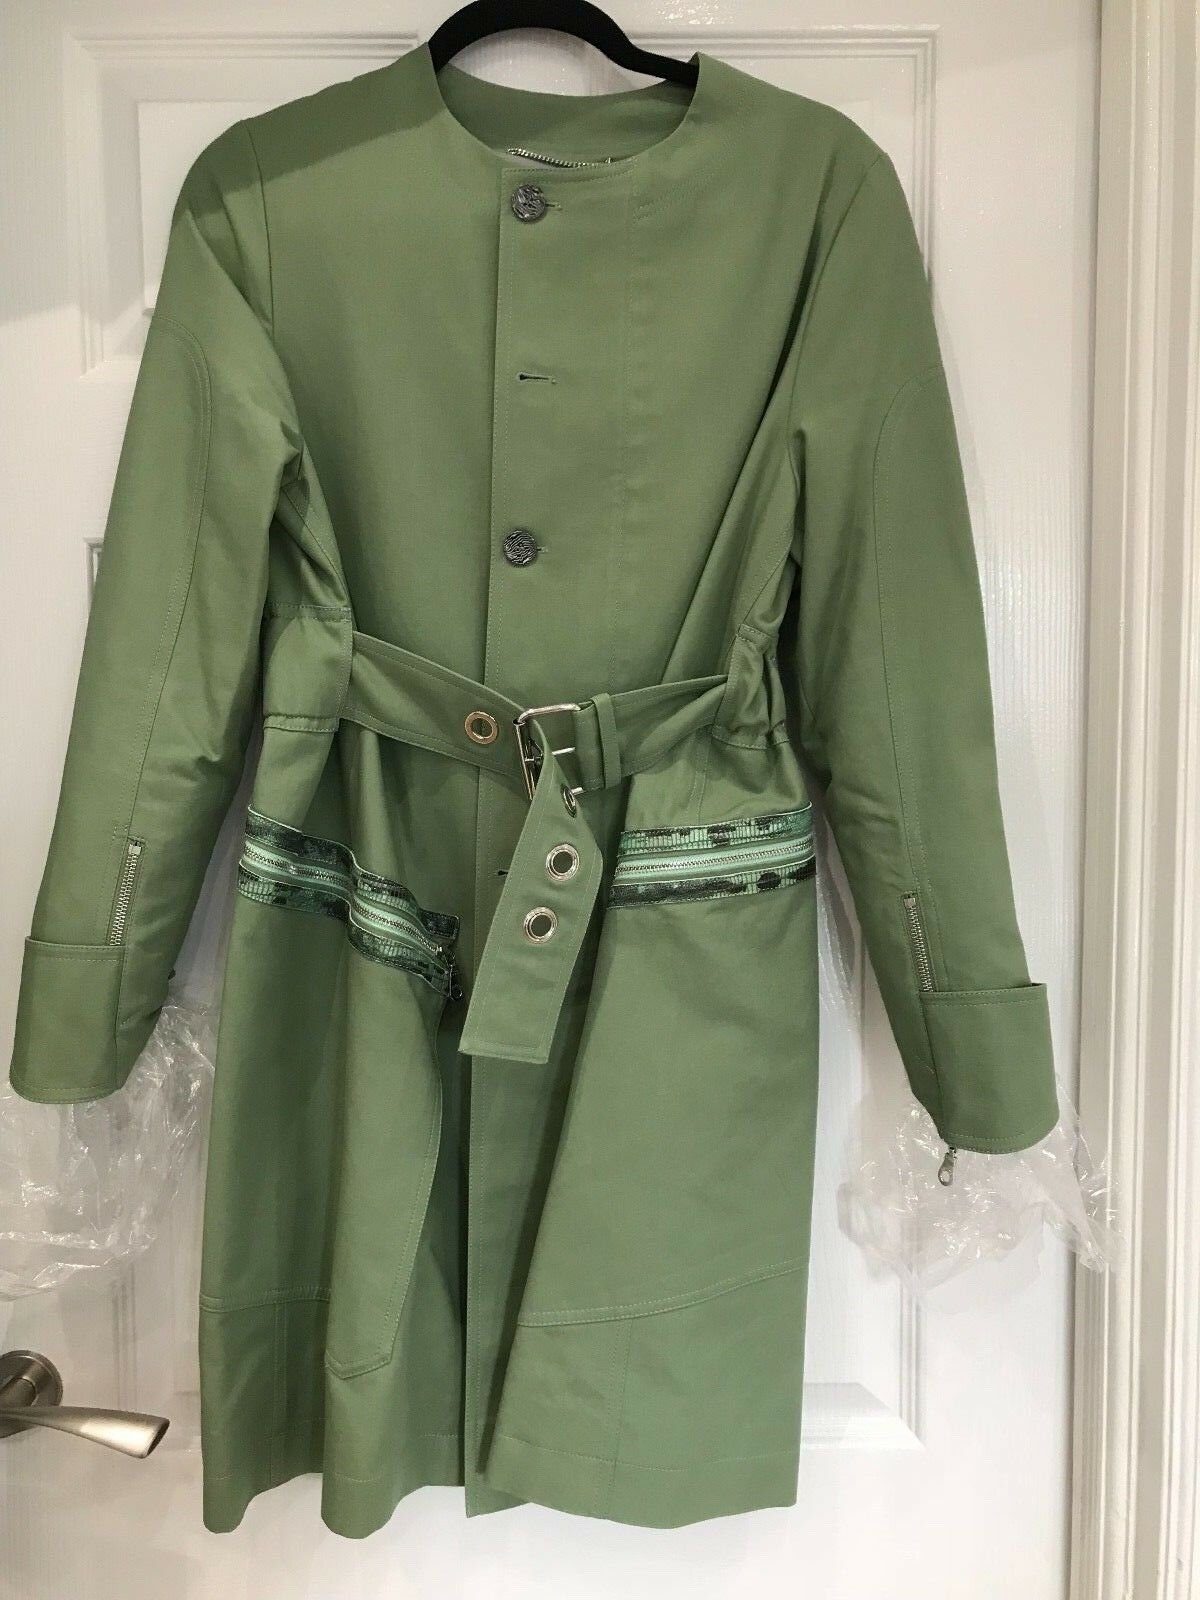 Kenzo -regnrock med bälte, storlek 38FR, köpt Paris